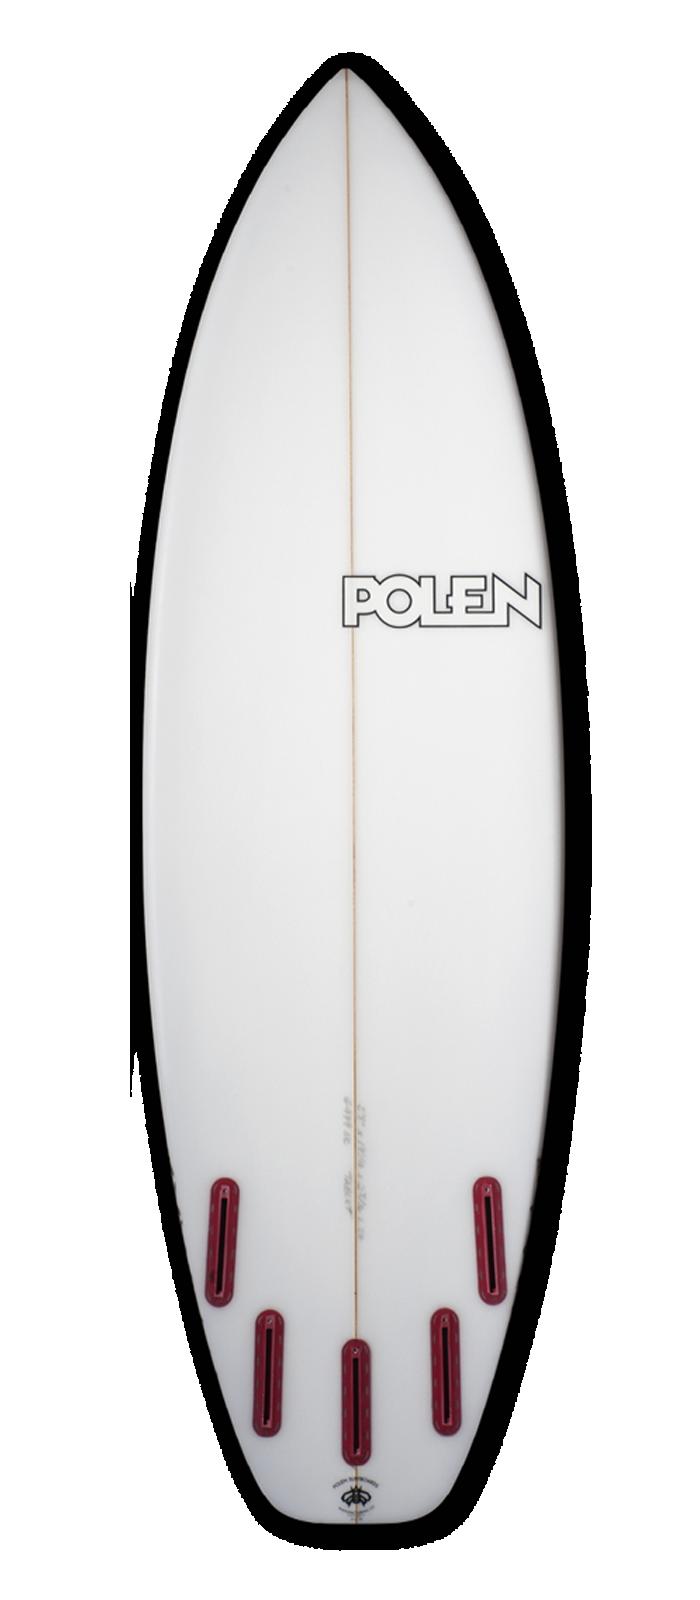 TABLET surfboard model bottom